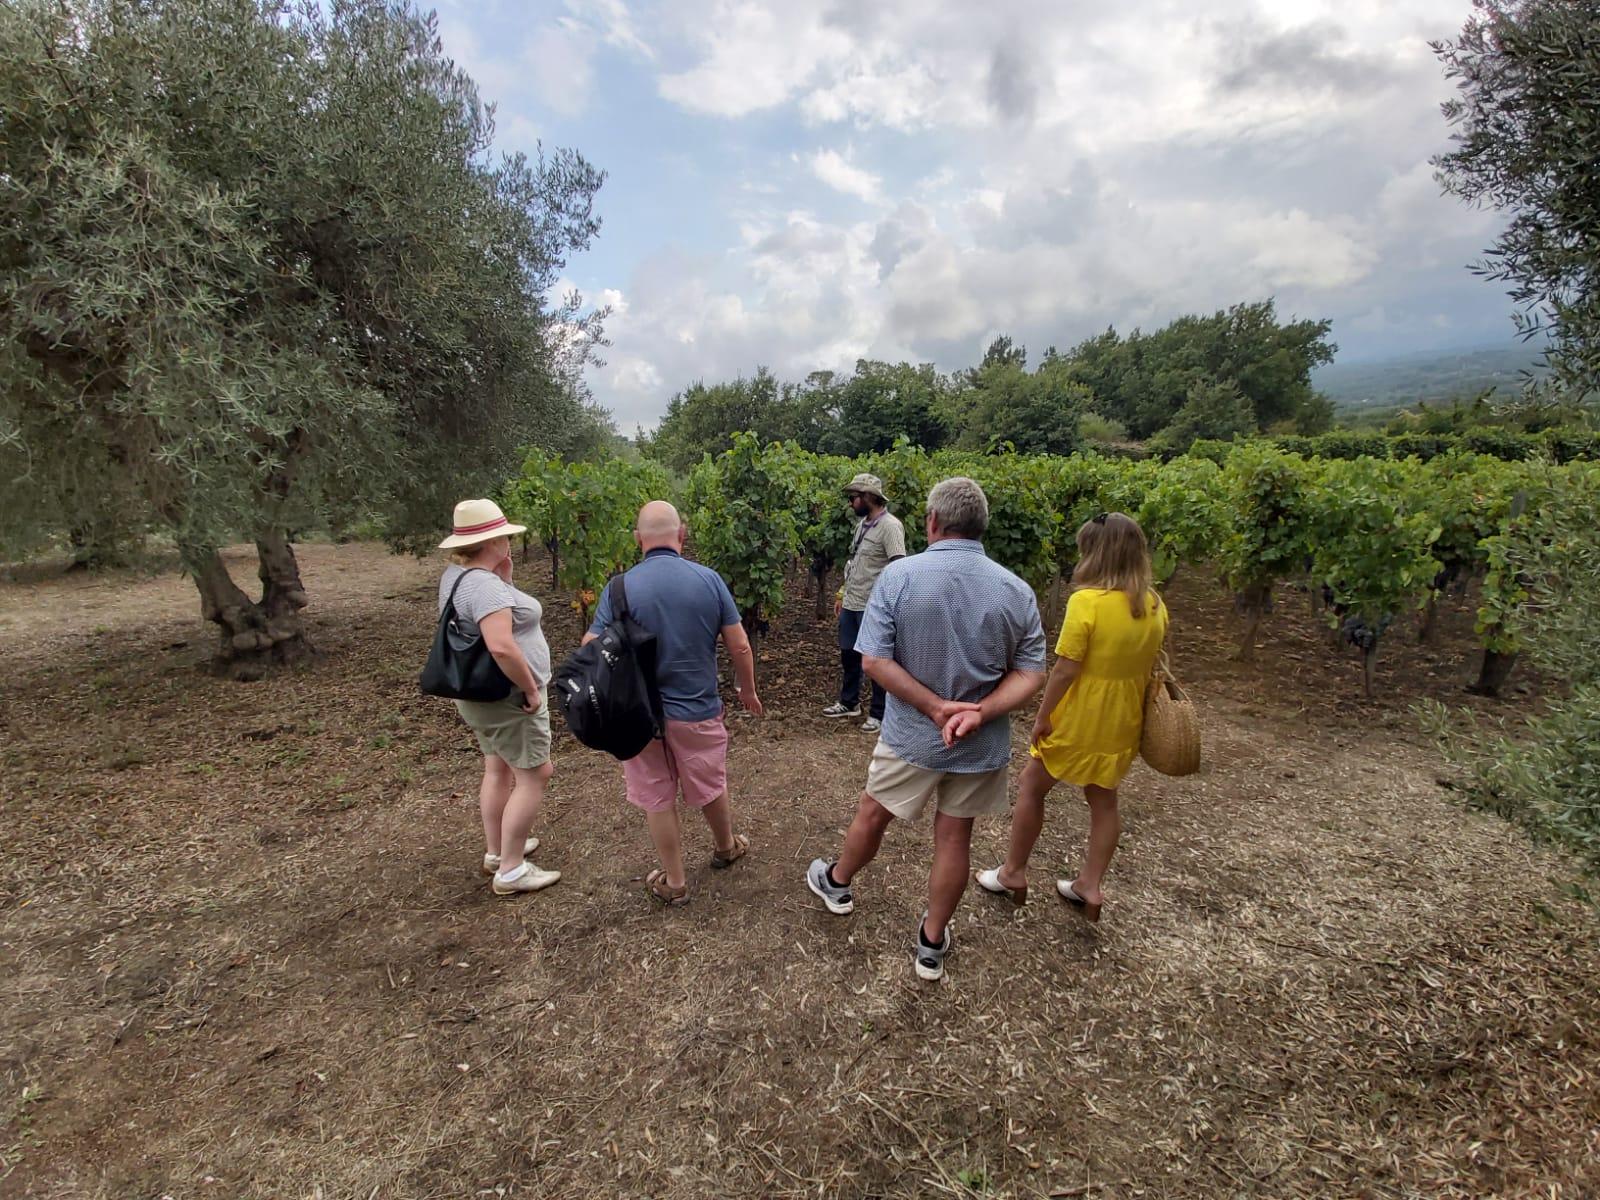 viñedo en castiglione di sicilia